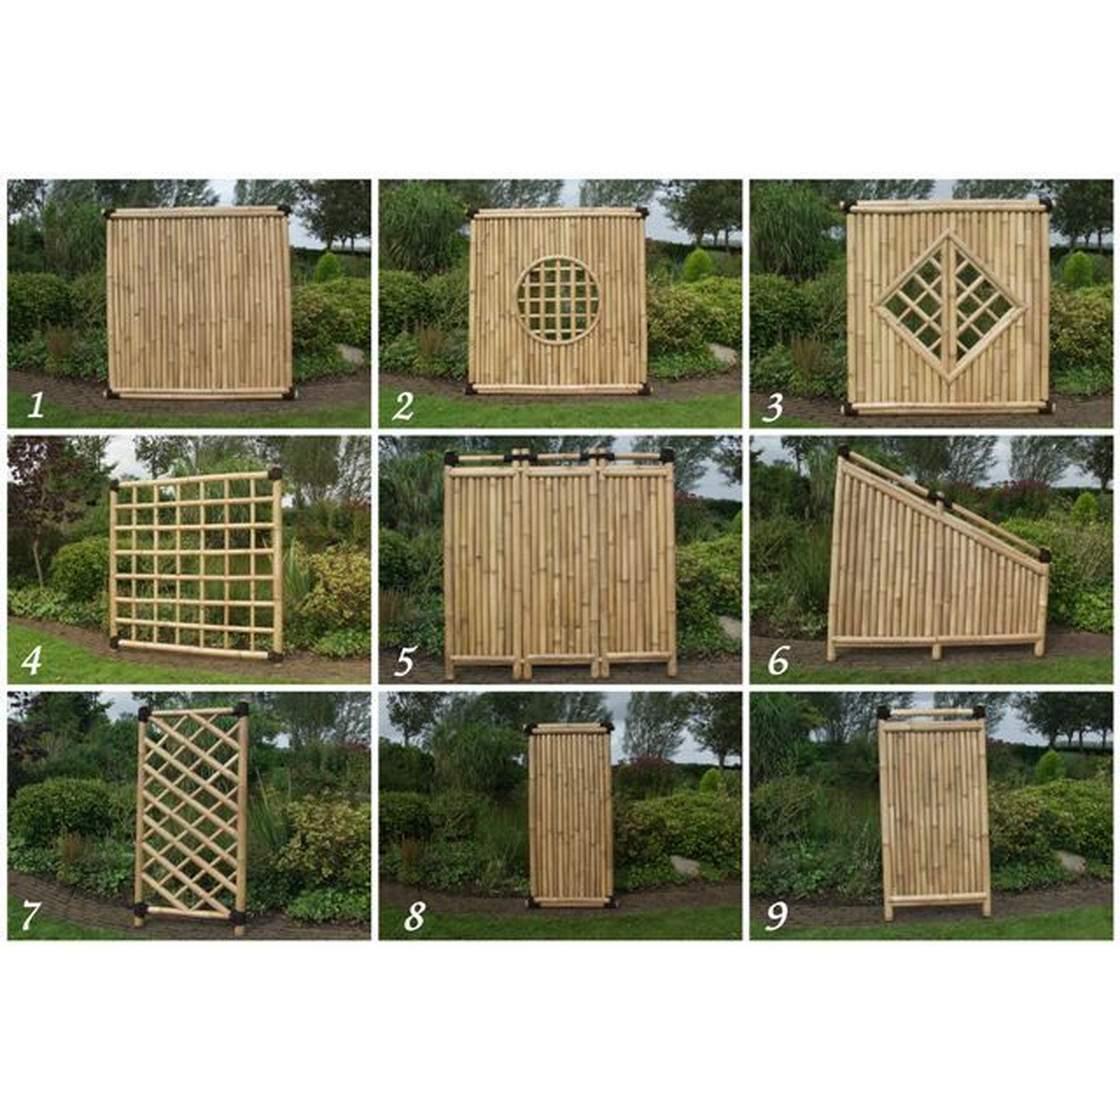 Garten Sichtschutz Frisch Bambus Sichtschutz Garten Zaun Gartenzaun Windschutz Bambuszaun Anji Nature